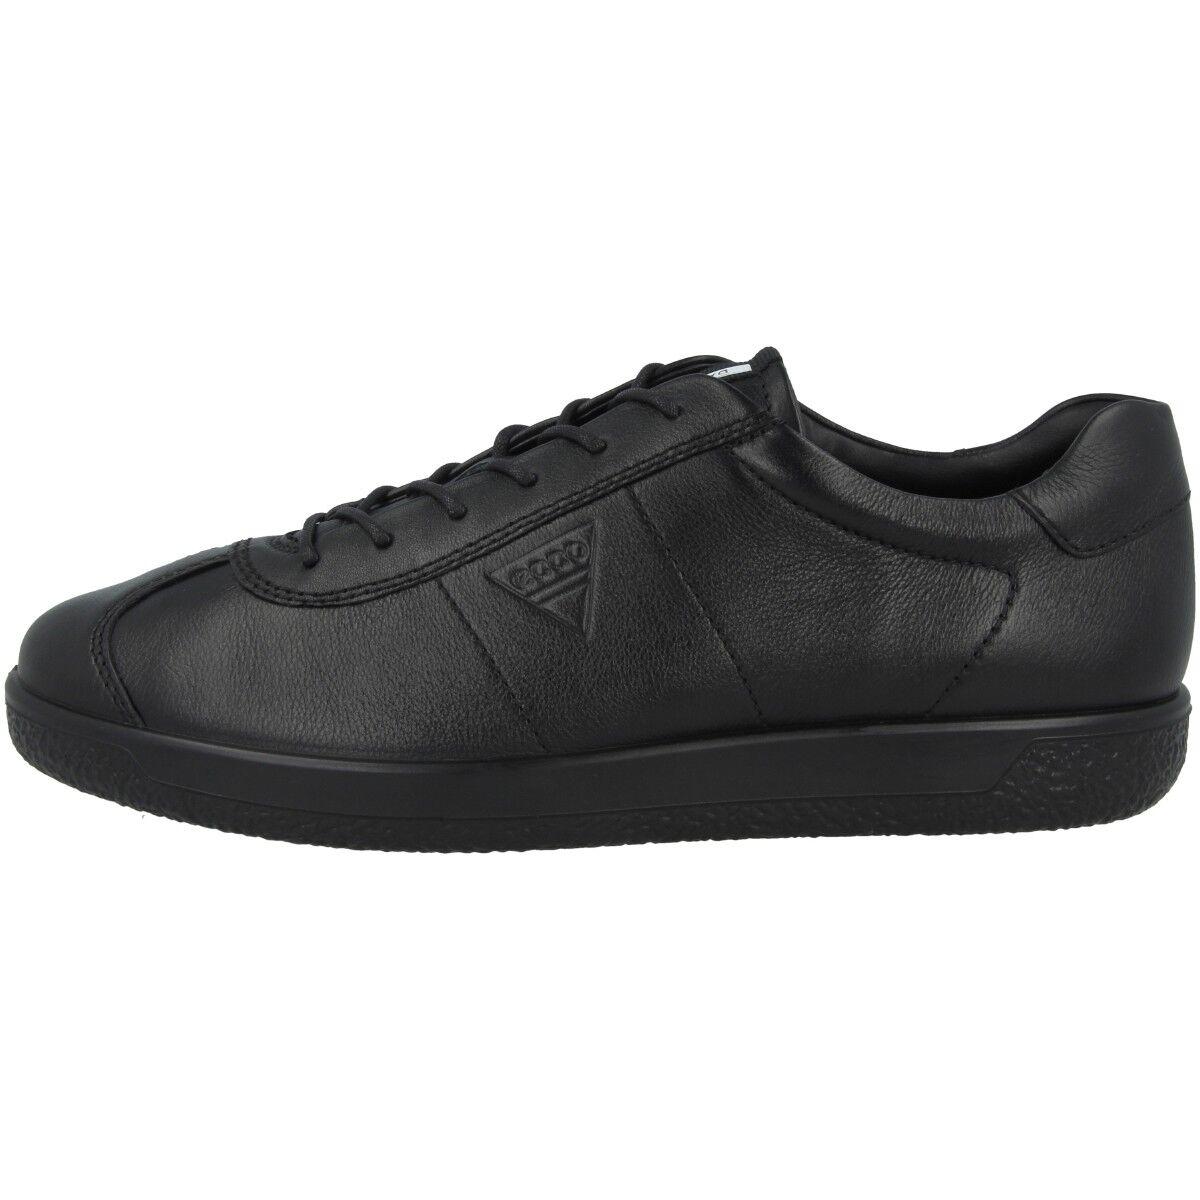 Ecco Soft 1 Men Schuhe Schuhe Schuhe Herren Sneaker Leder Halbschuhe black Biom 400514-01001 075b5e